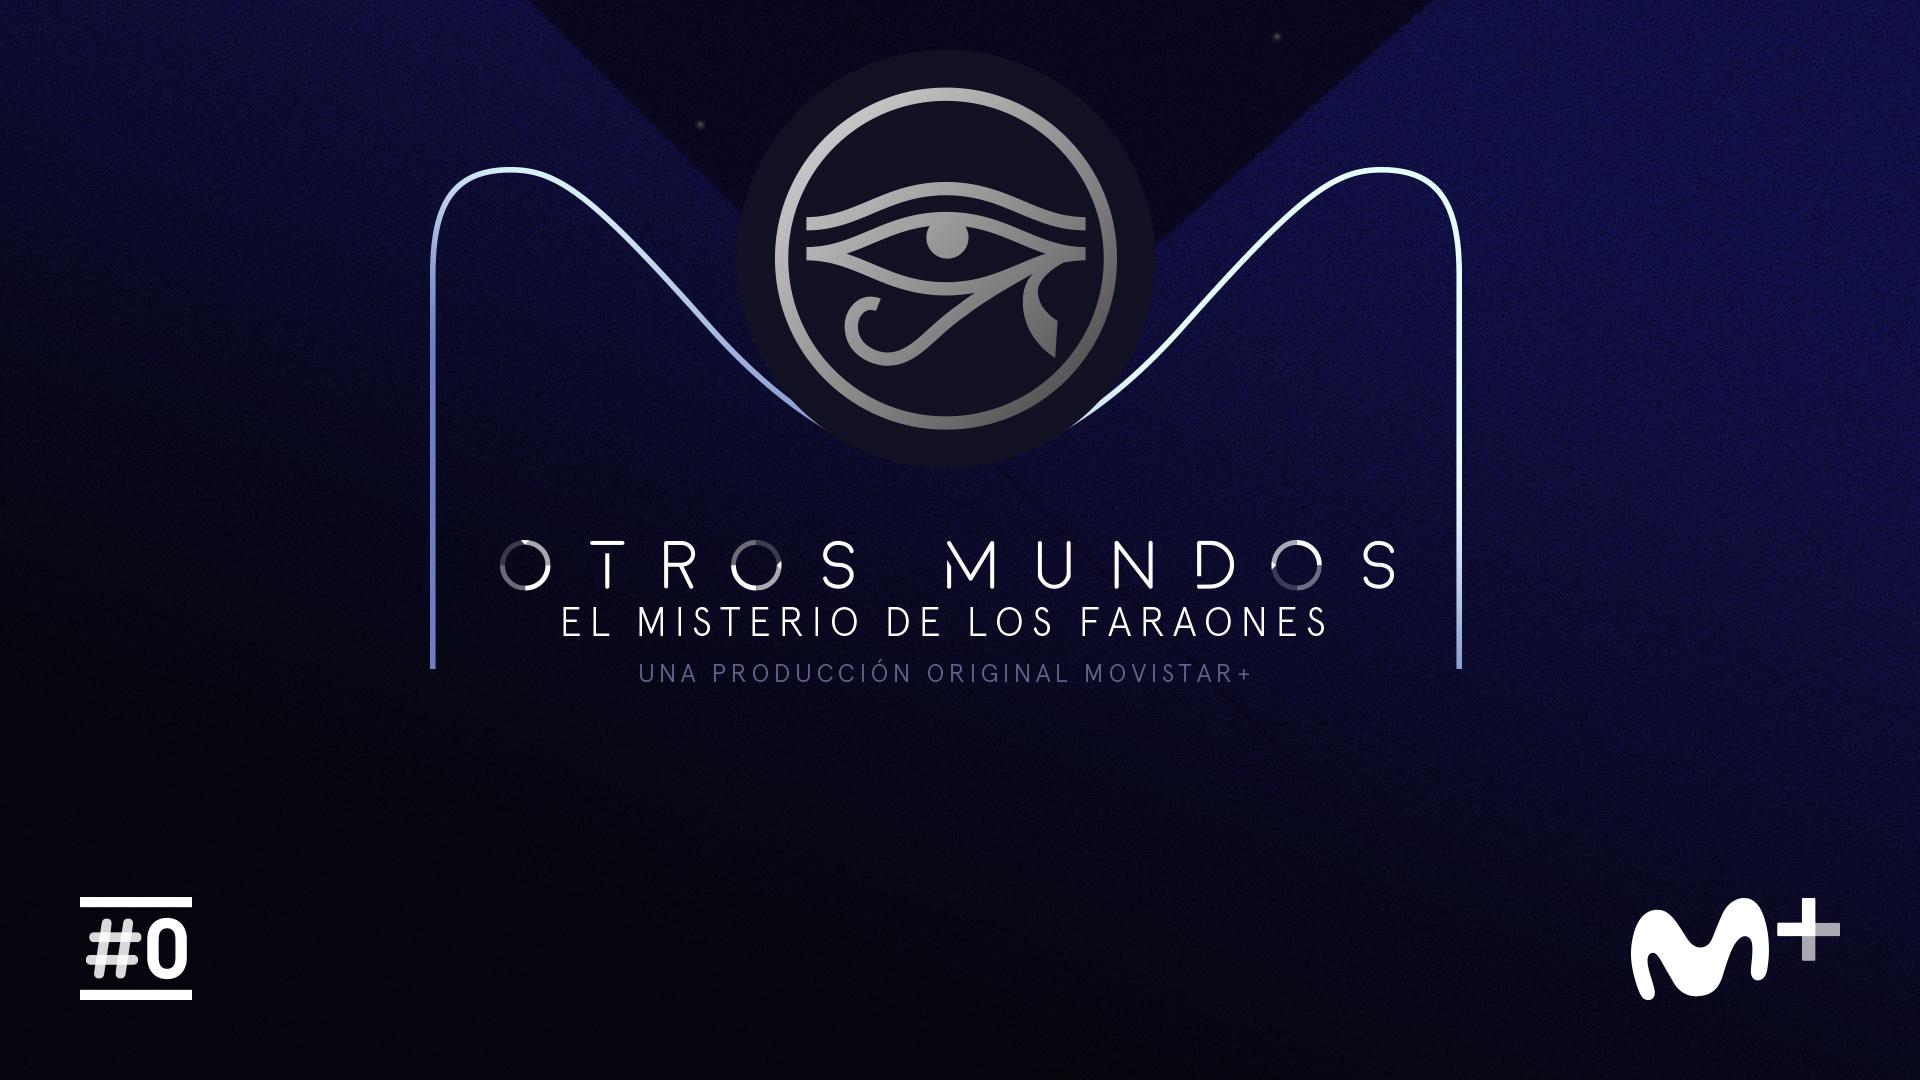 Otros Mundos - El Misterio de los Faraones